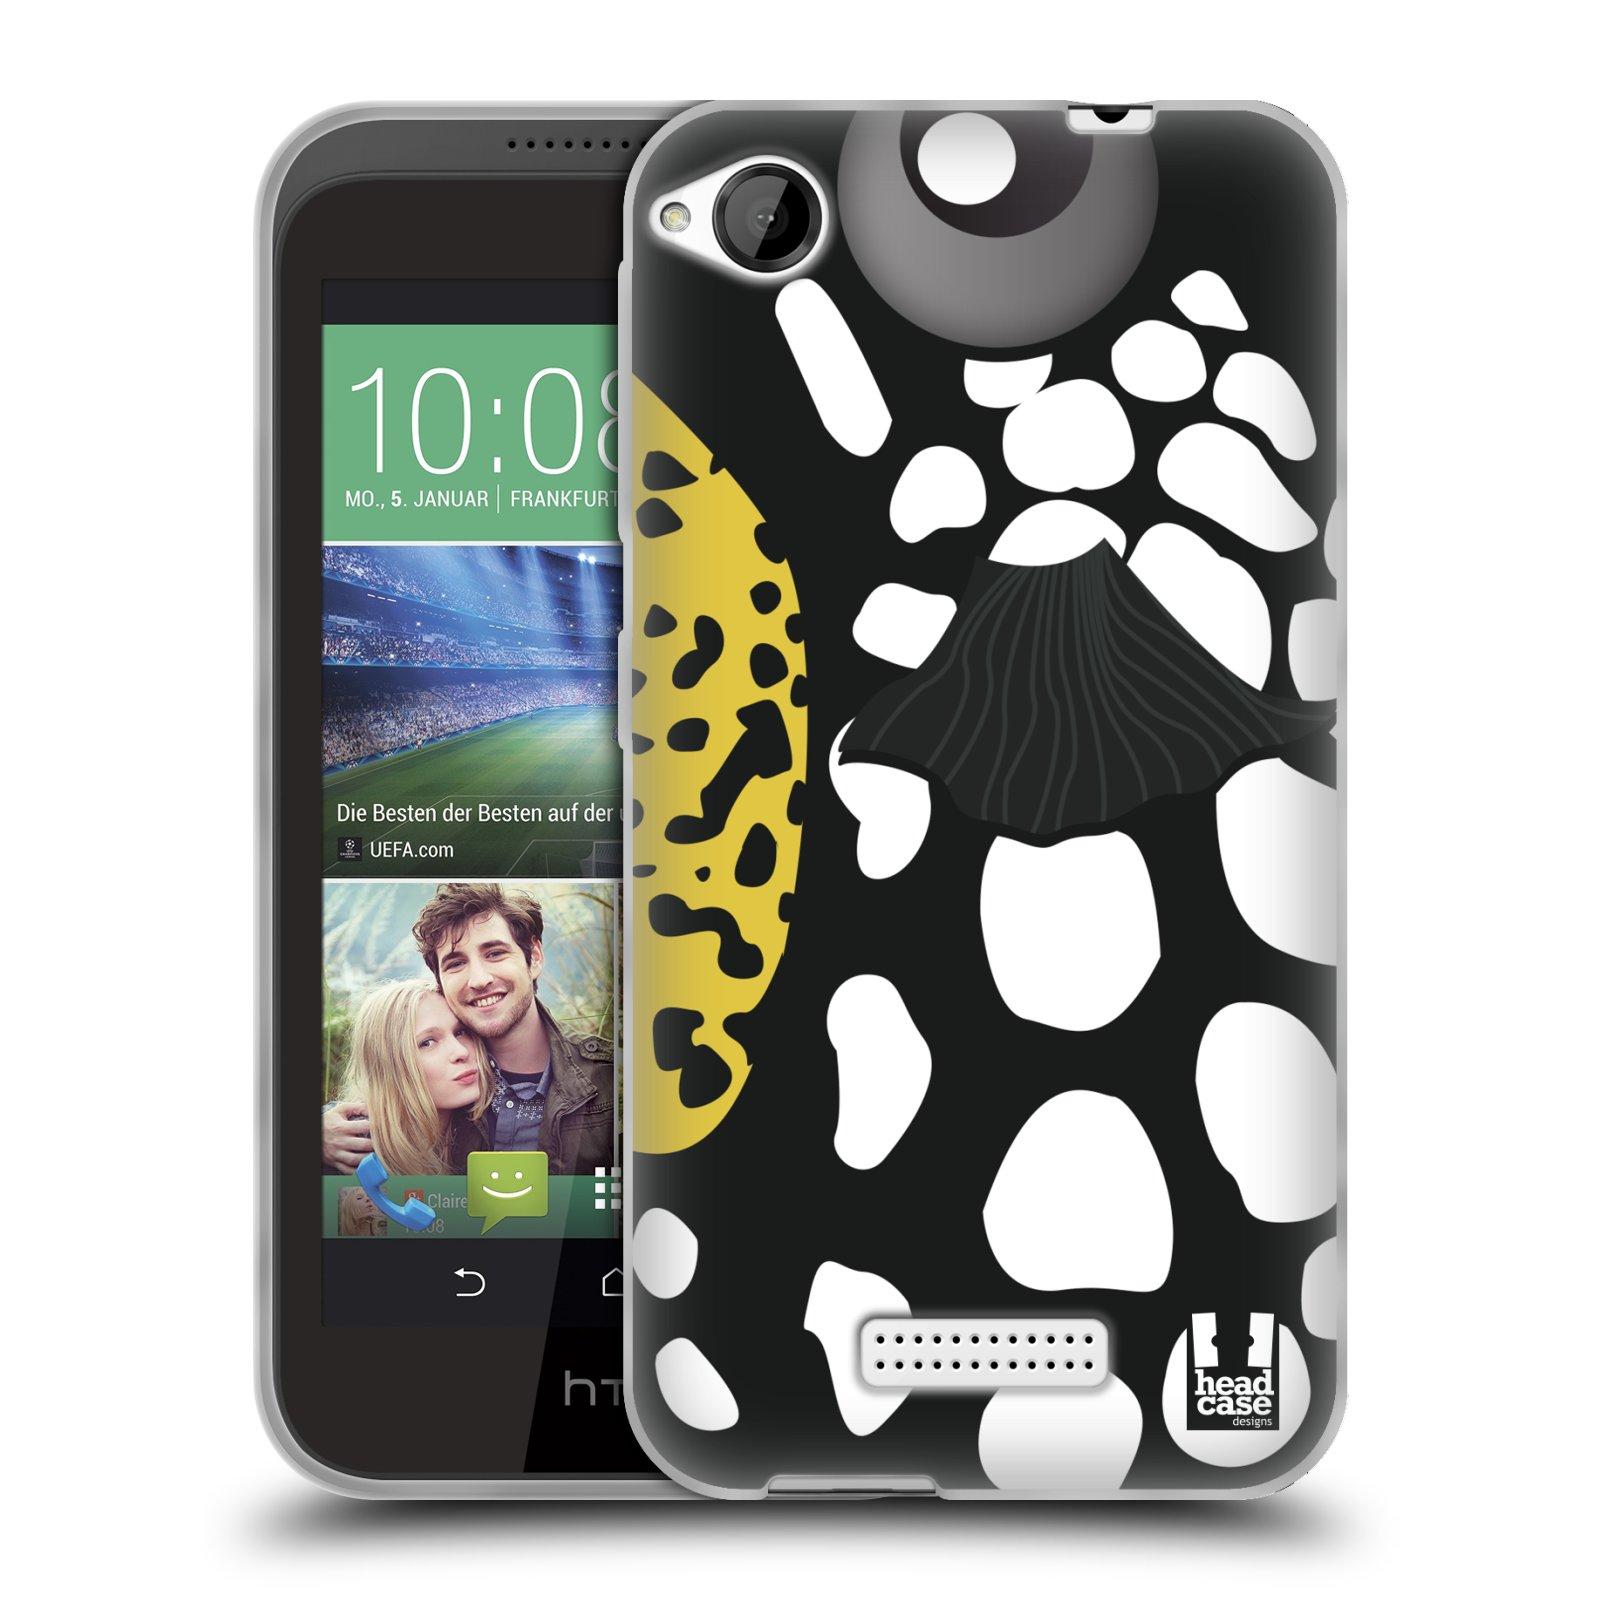 HEAD CASE silikonový obal na mobil HTC DESIRE 320 vzor Rybičky z profilu černá a bílá